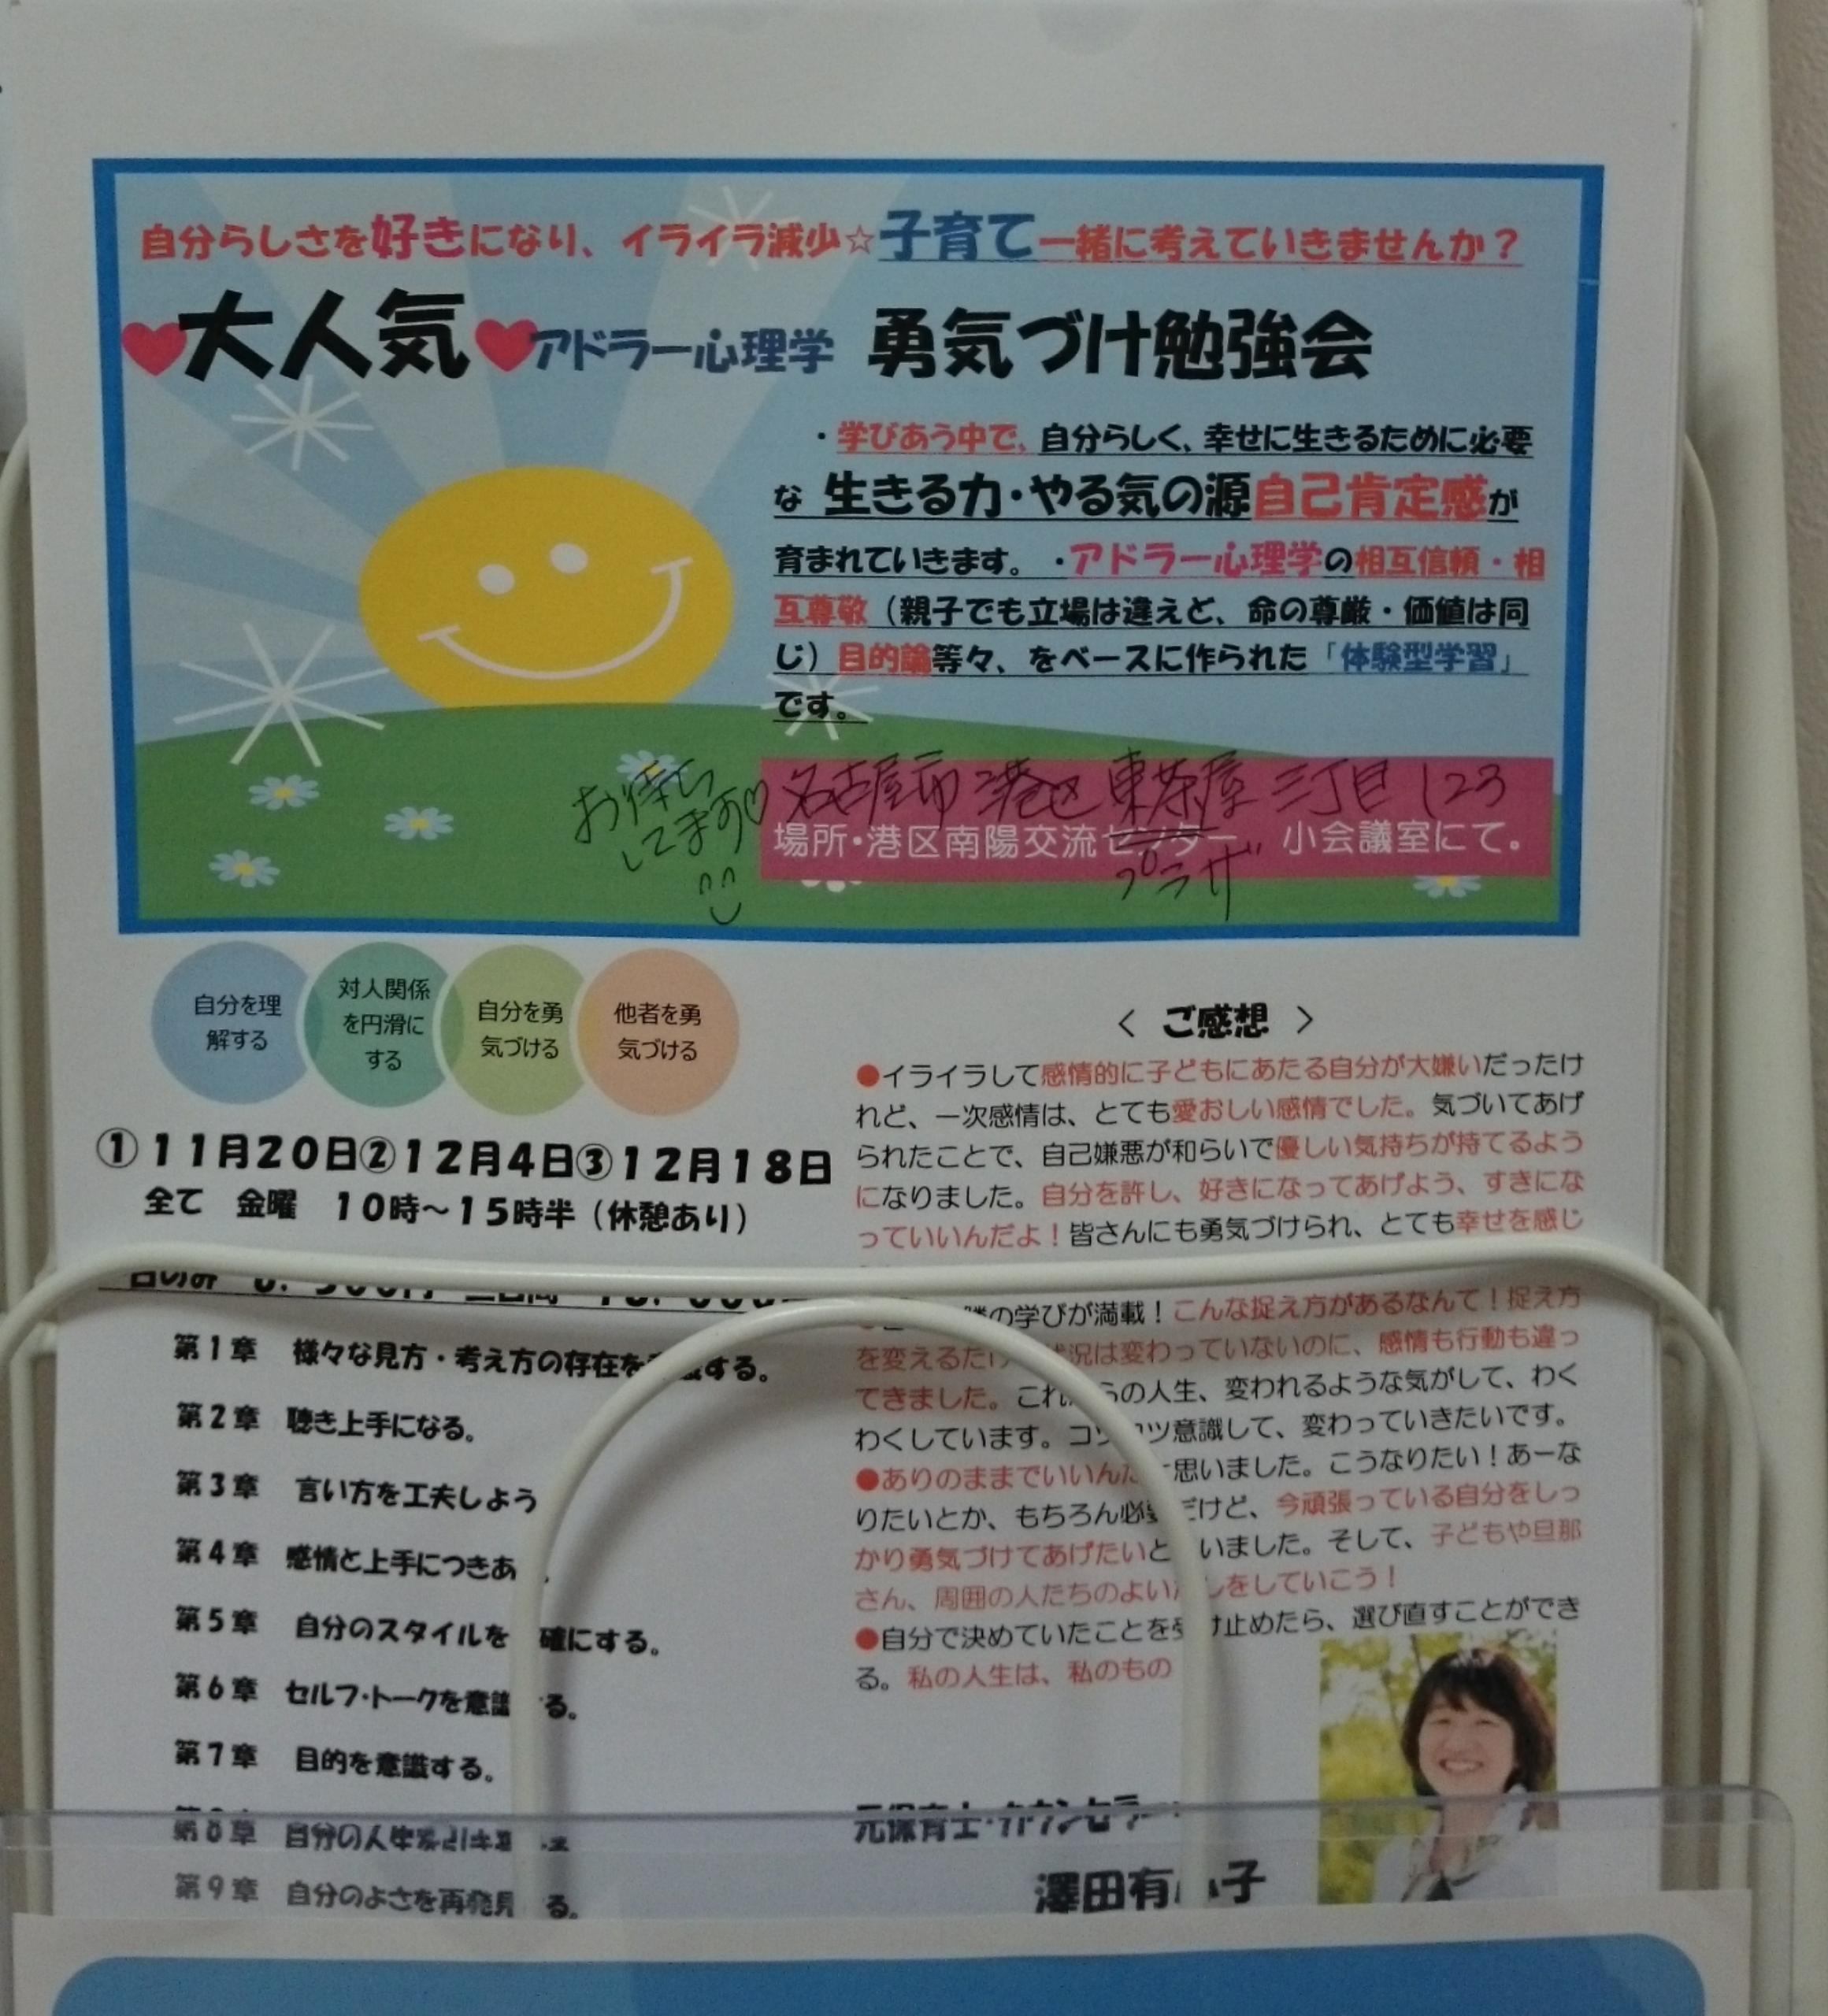 第32期 エルム勇気づけ勉強会開催  名古屋市南陽交流プラザにて。11月20日~